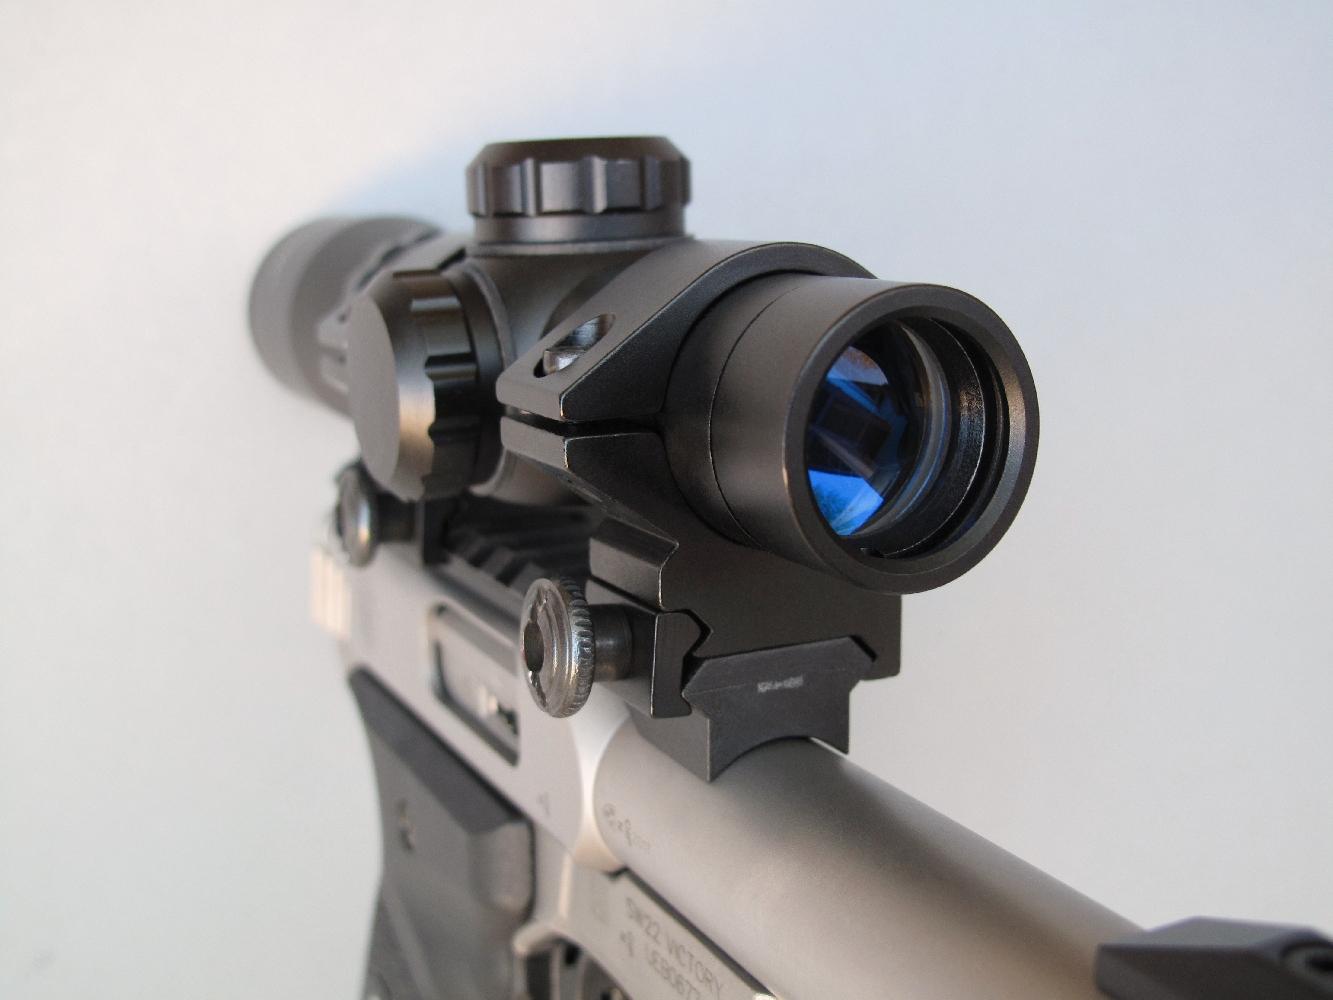 Le rail Picatinny livré avec l'arme permet l'installation d'une visée optique, en l'occurrence une lunette grossissante dédiée aux armes de poing.